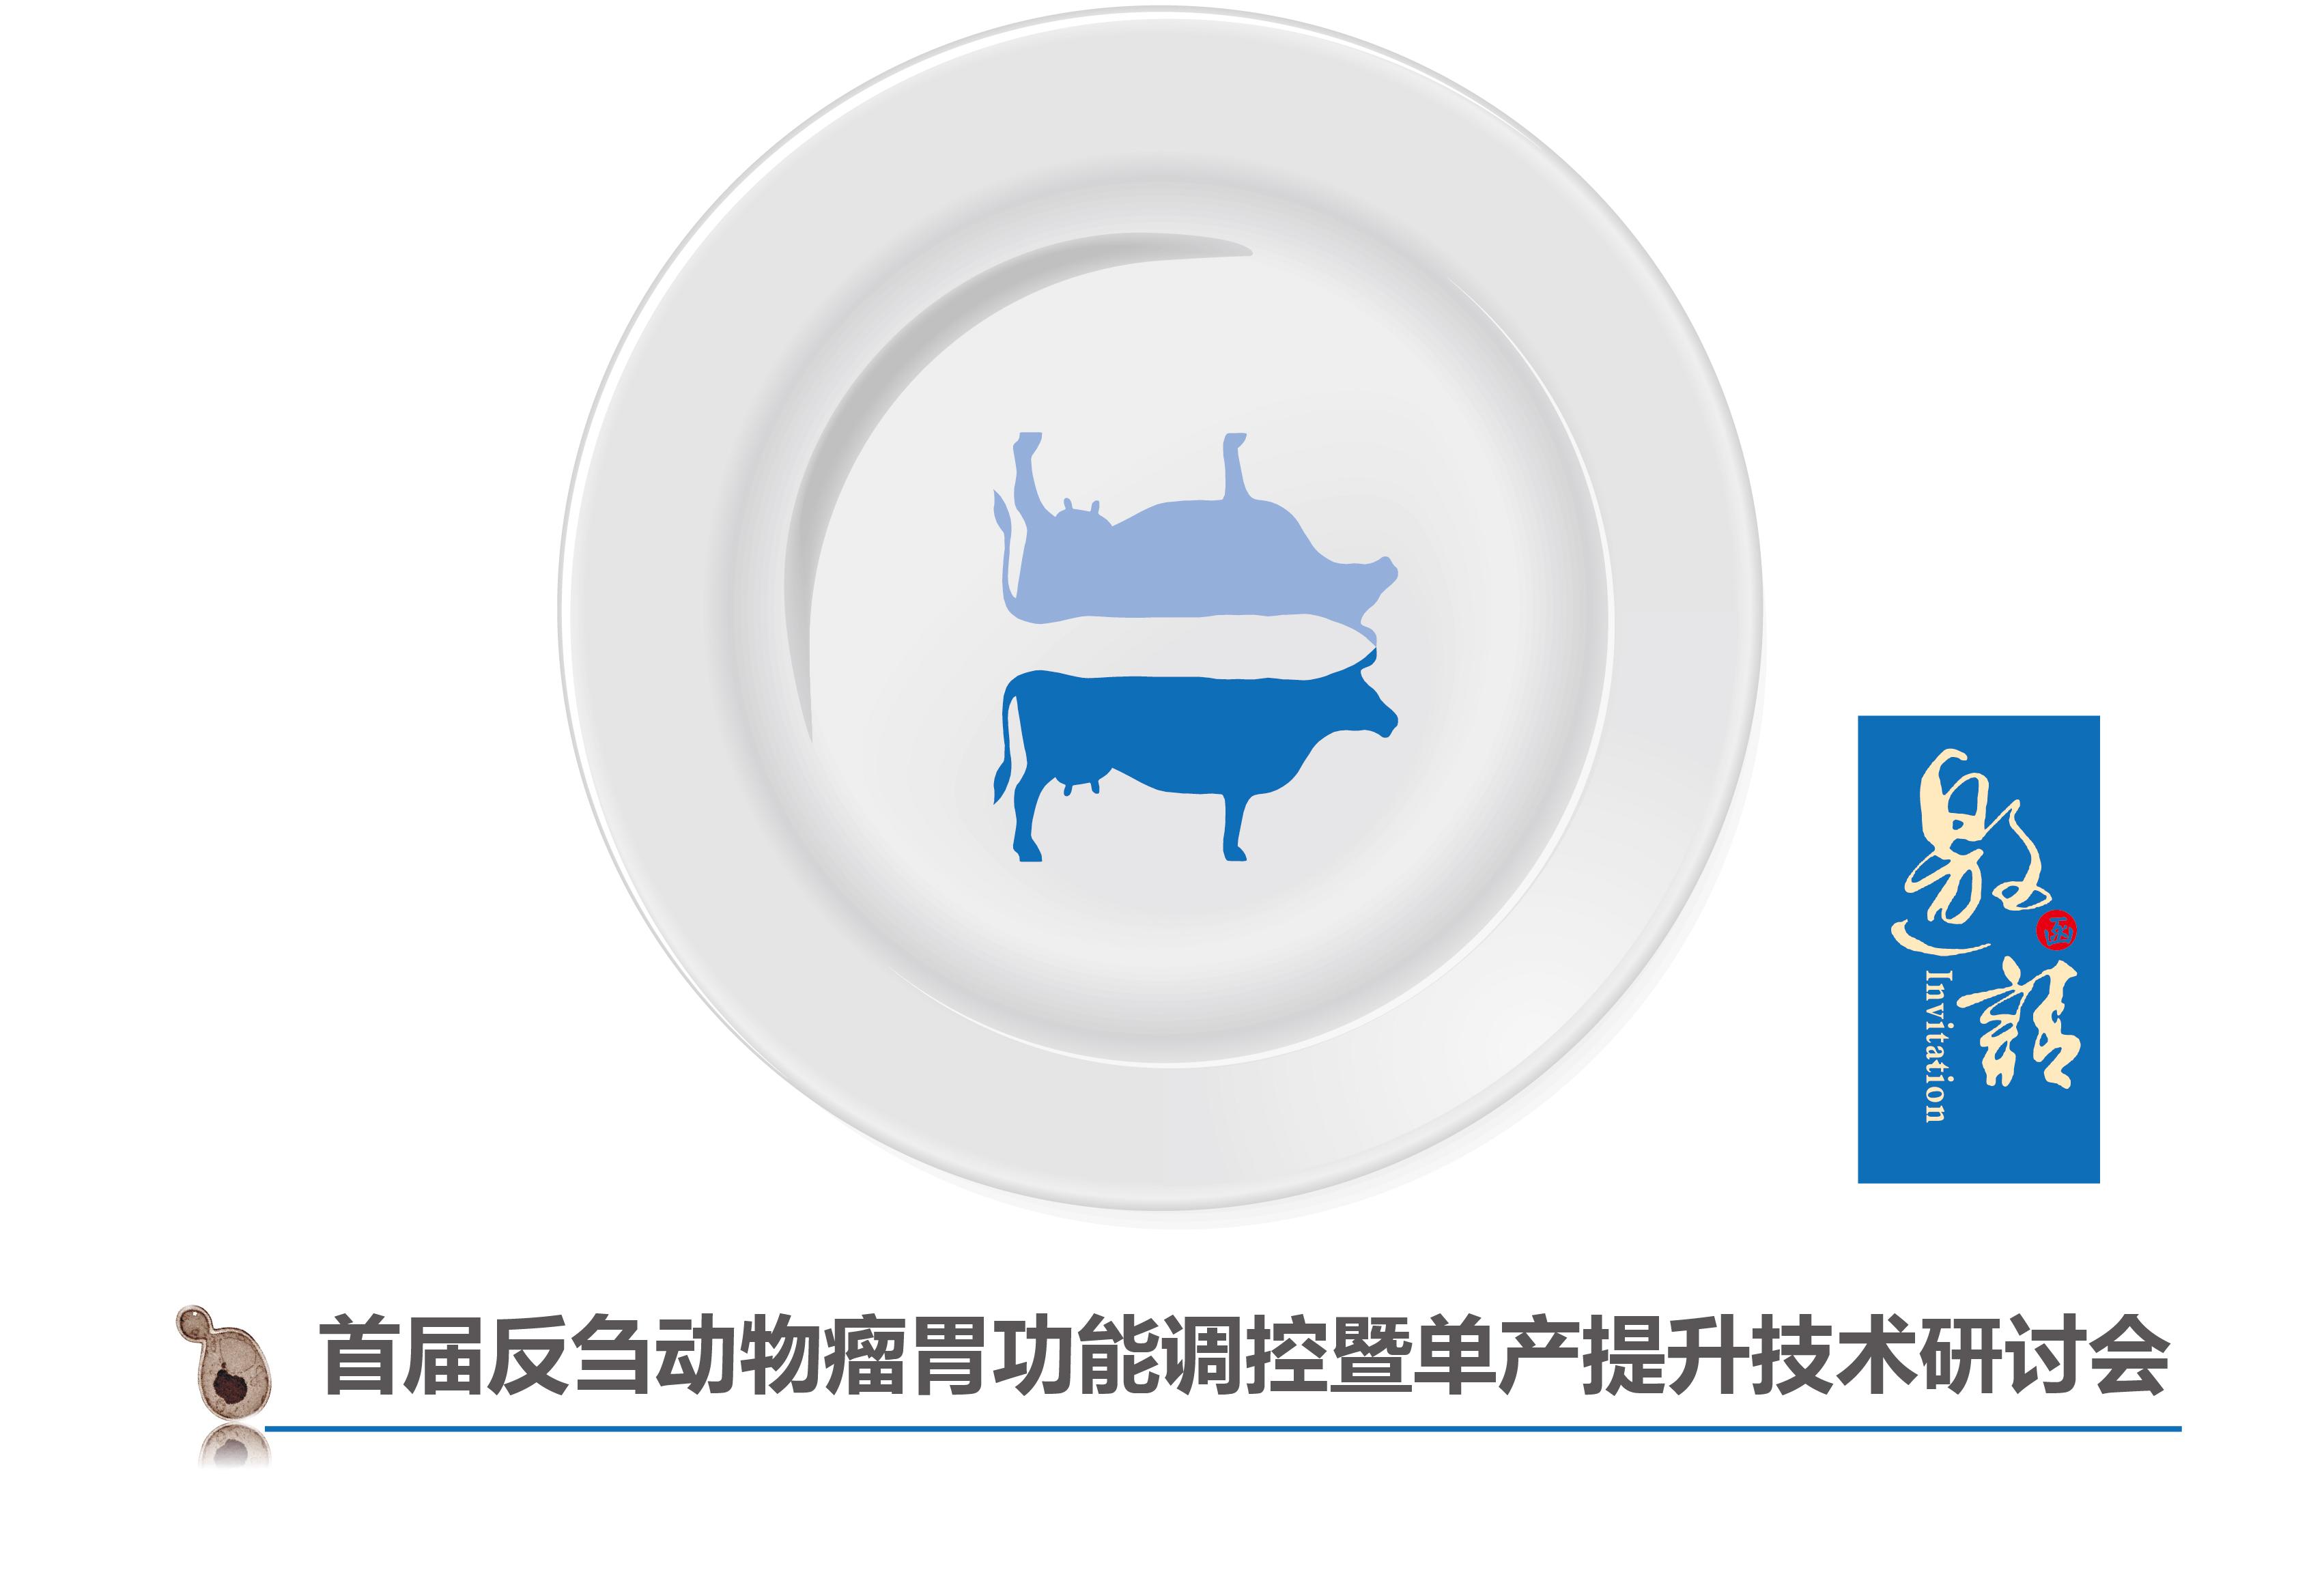 12.12·宜昌,首届反刍动物瘤胃健康调控暨单产提升技术研讨会